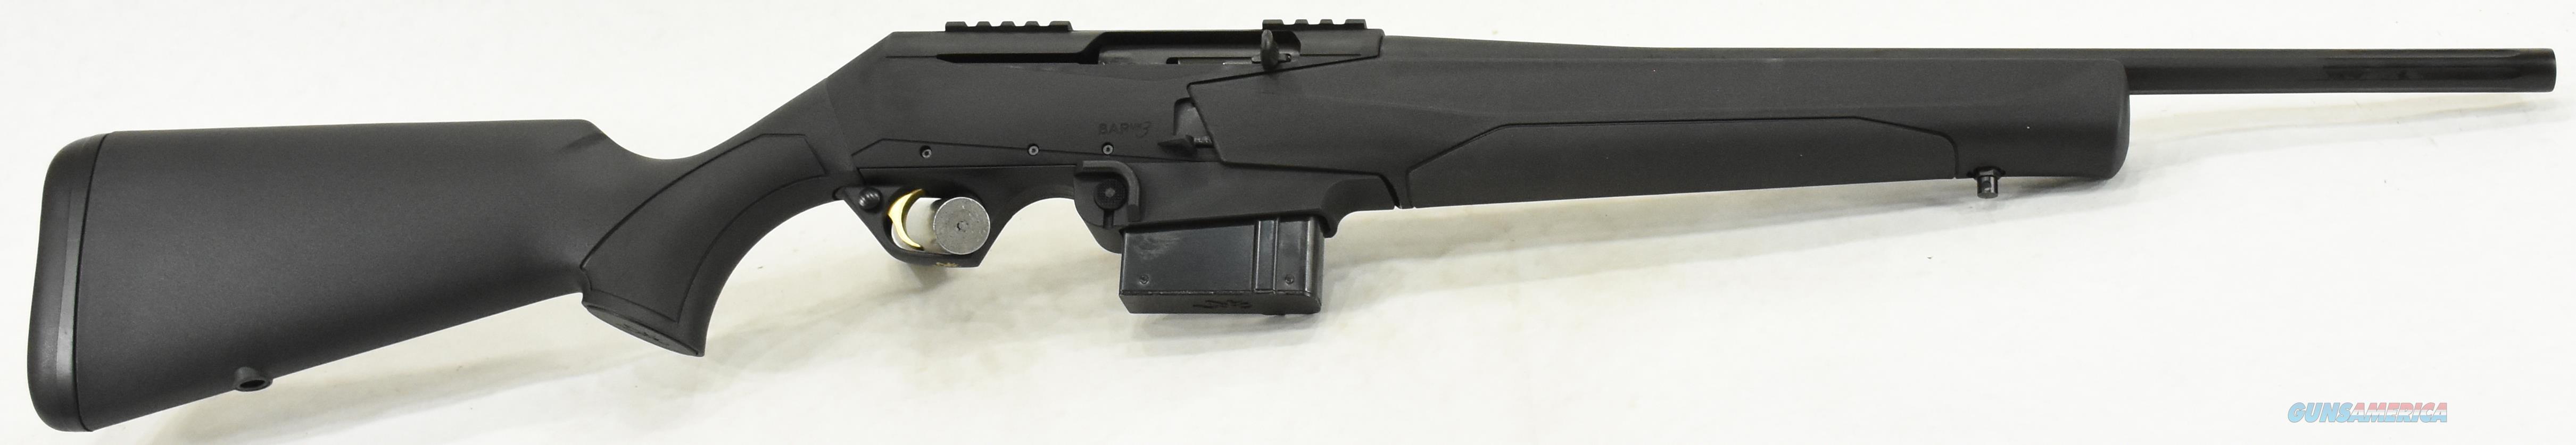 BAR Mark III Stalker DBM 308Win 18In  031054218  Guns > Rifles > Browning Rifles > Semi Auto > Hunting